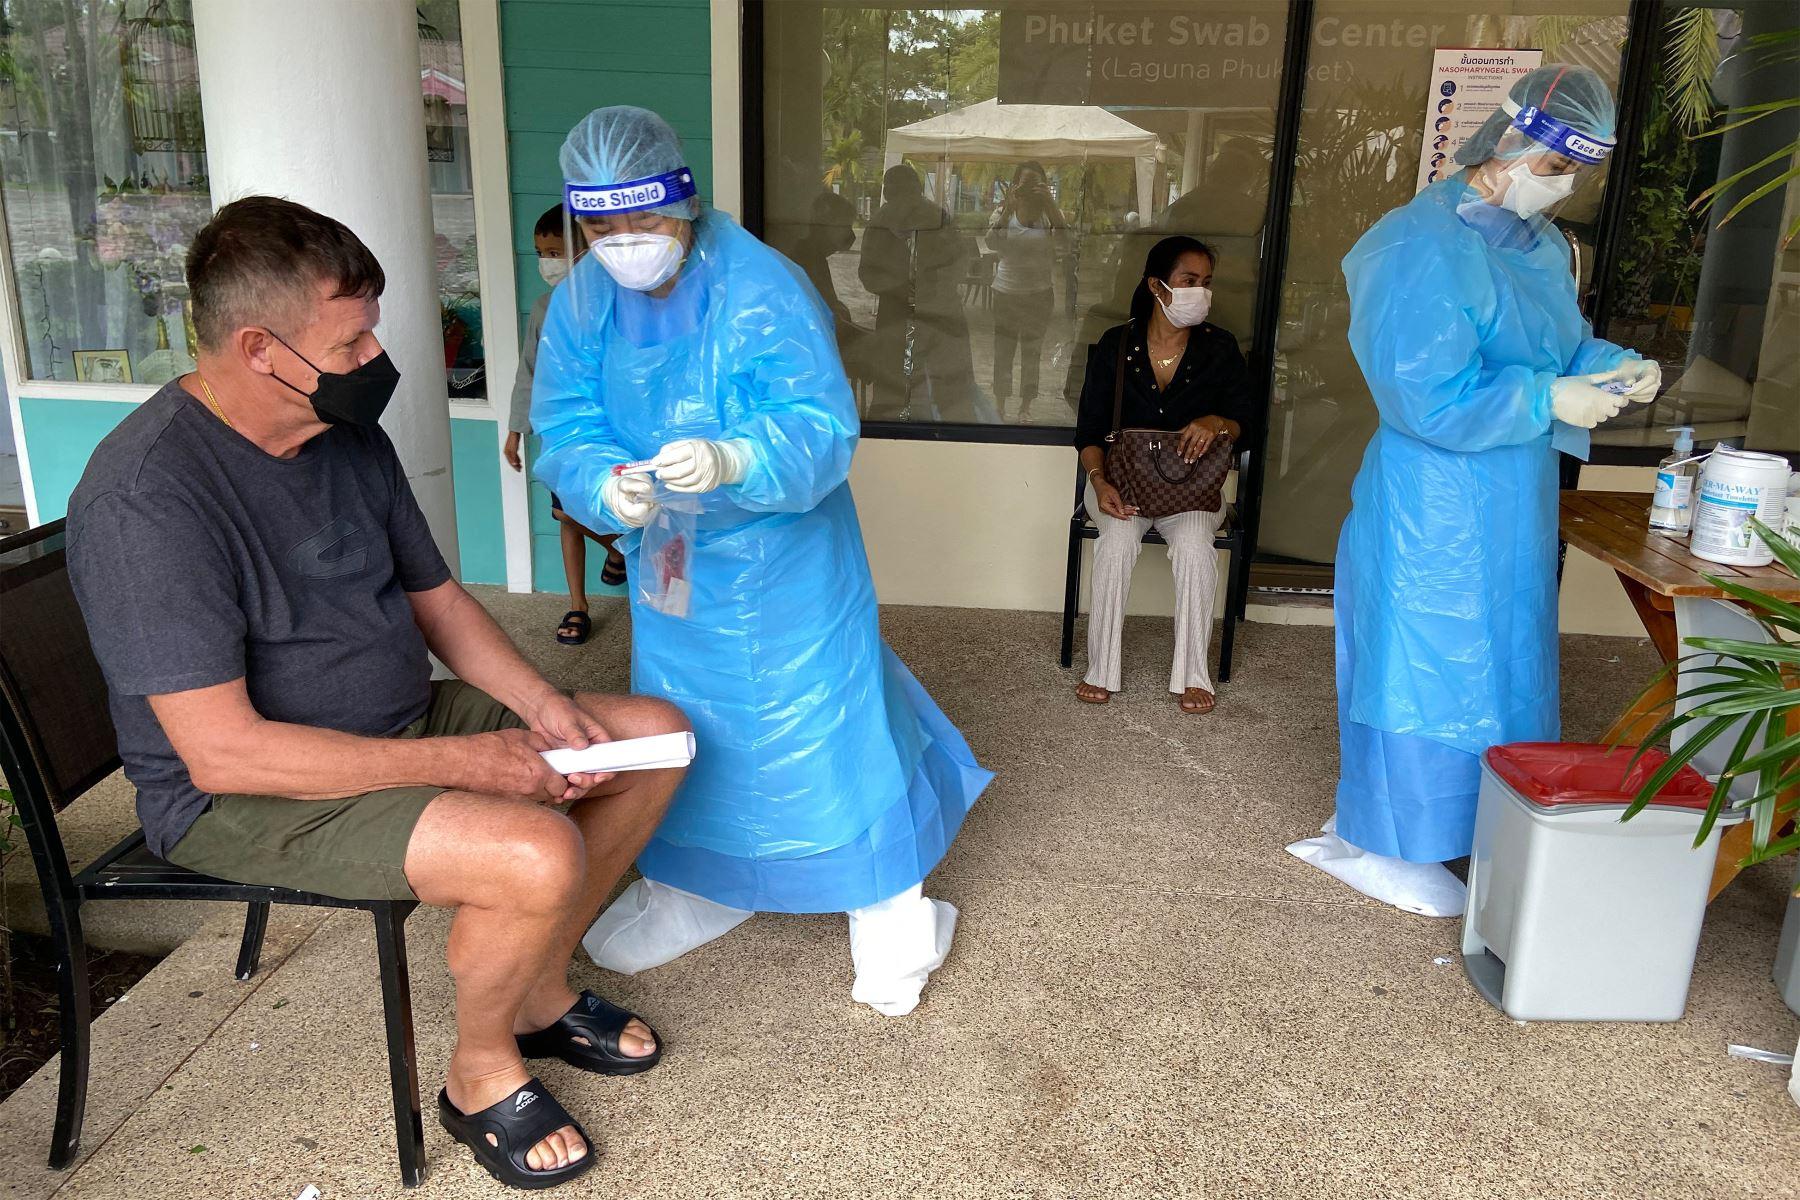 """Personas esperan para hacerse pruebas de hisopo para detectar el coronavirus Covid-19 en Phuket, mientras los turistas aprovechan el programa """"Phuket Sandbox"""" para visitantes completamente vacunados contra el coronavirus.  Foto: AFP"""